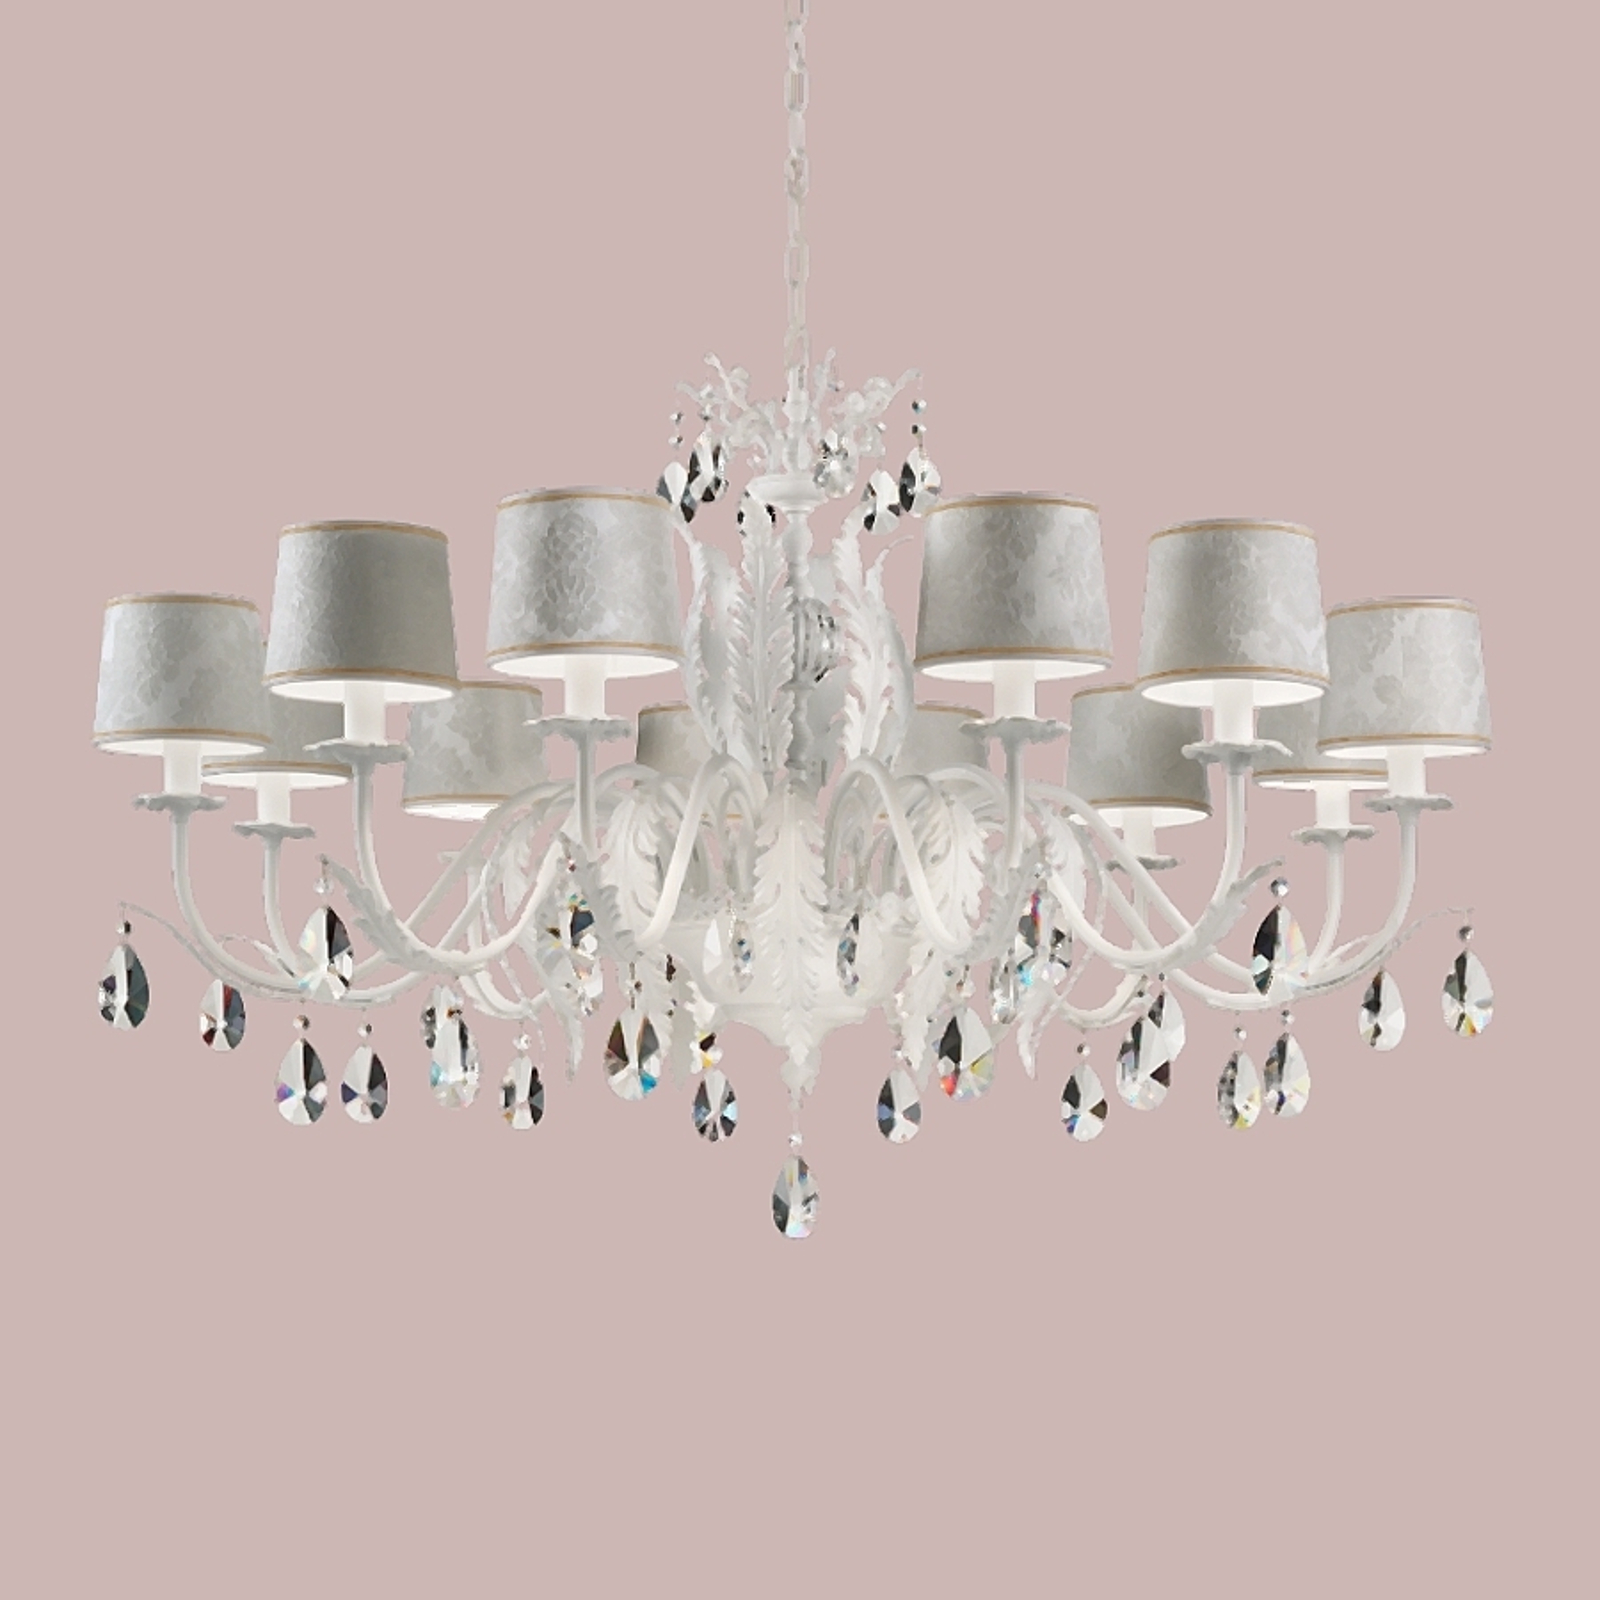 Acquista Angelis - lampadario di cristallo 12 luci, bianco